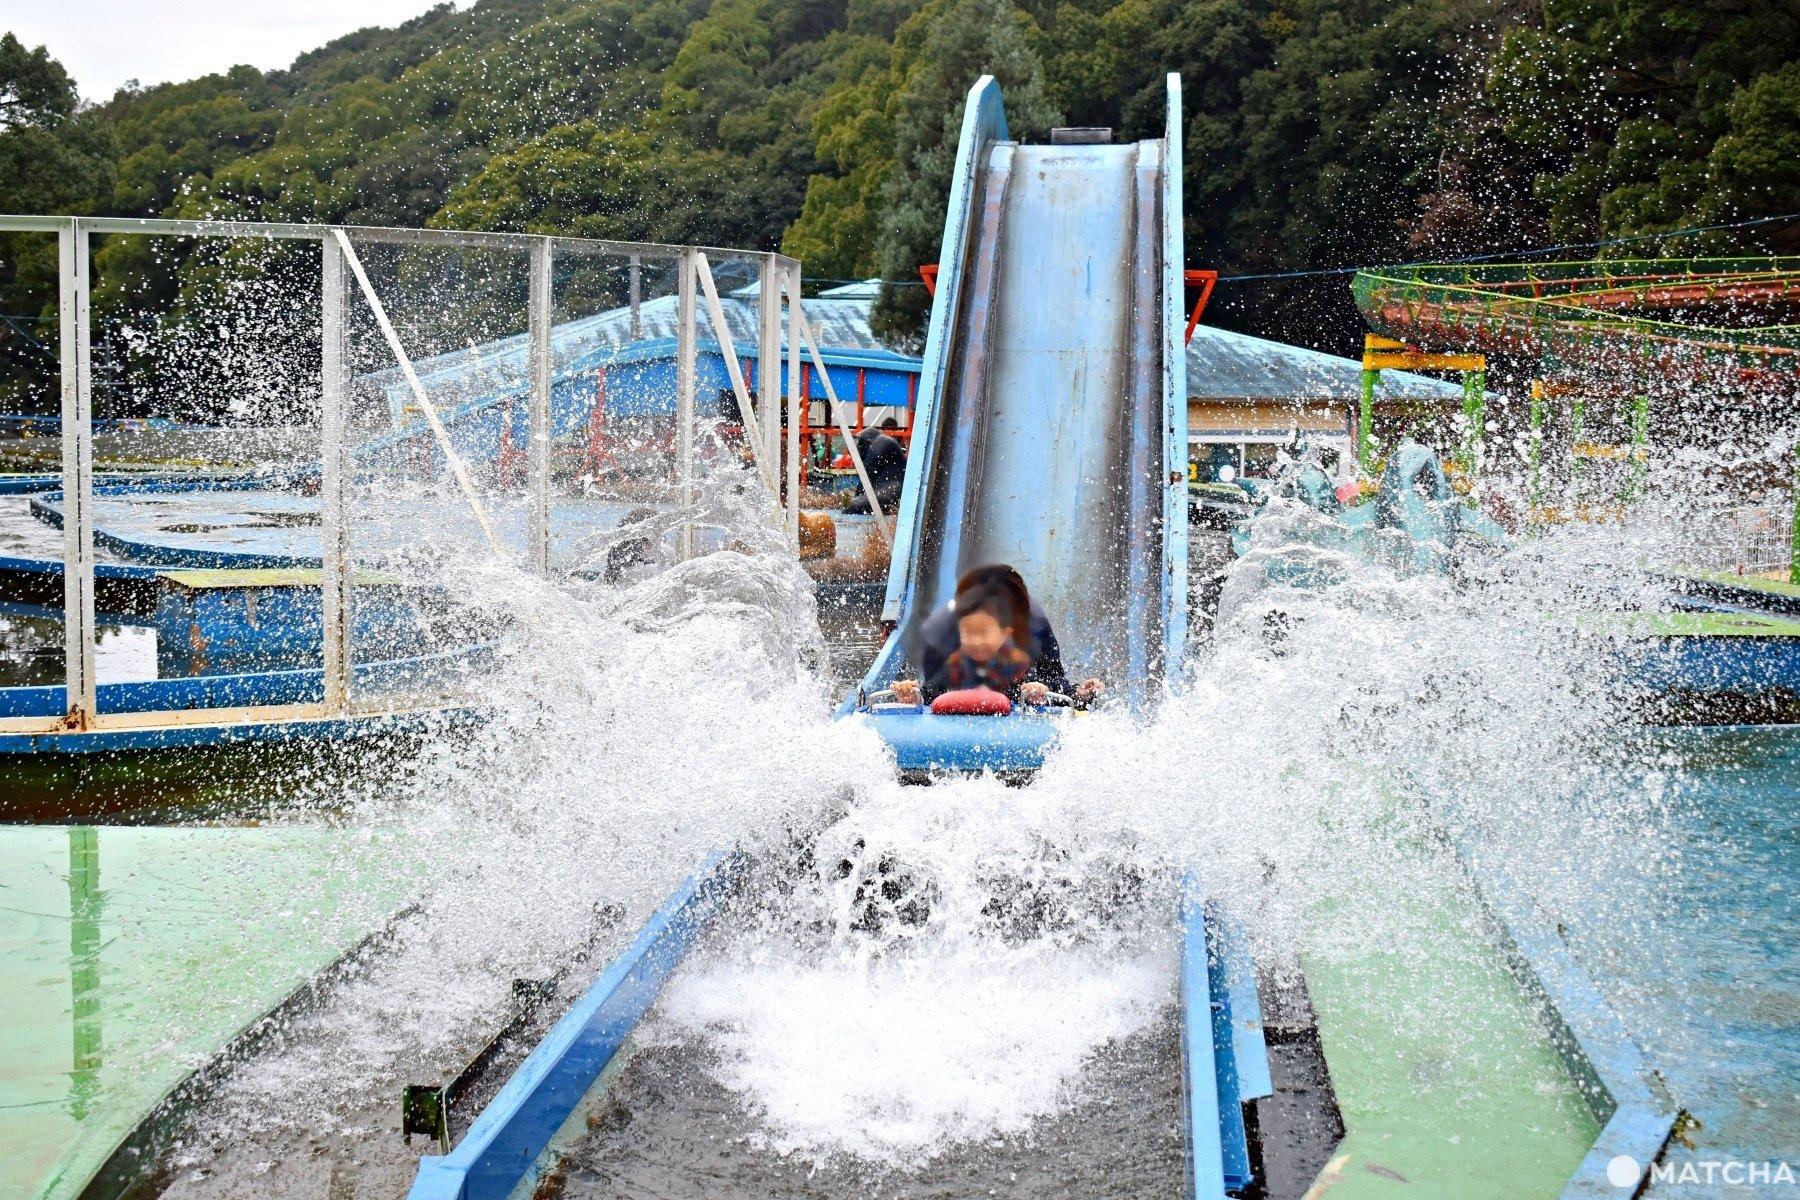 福岡で家族旅行ならここ!忘れられない経験ができるレジャー施設3選